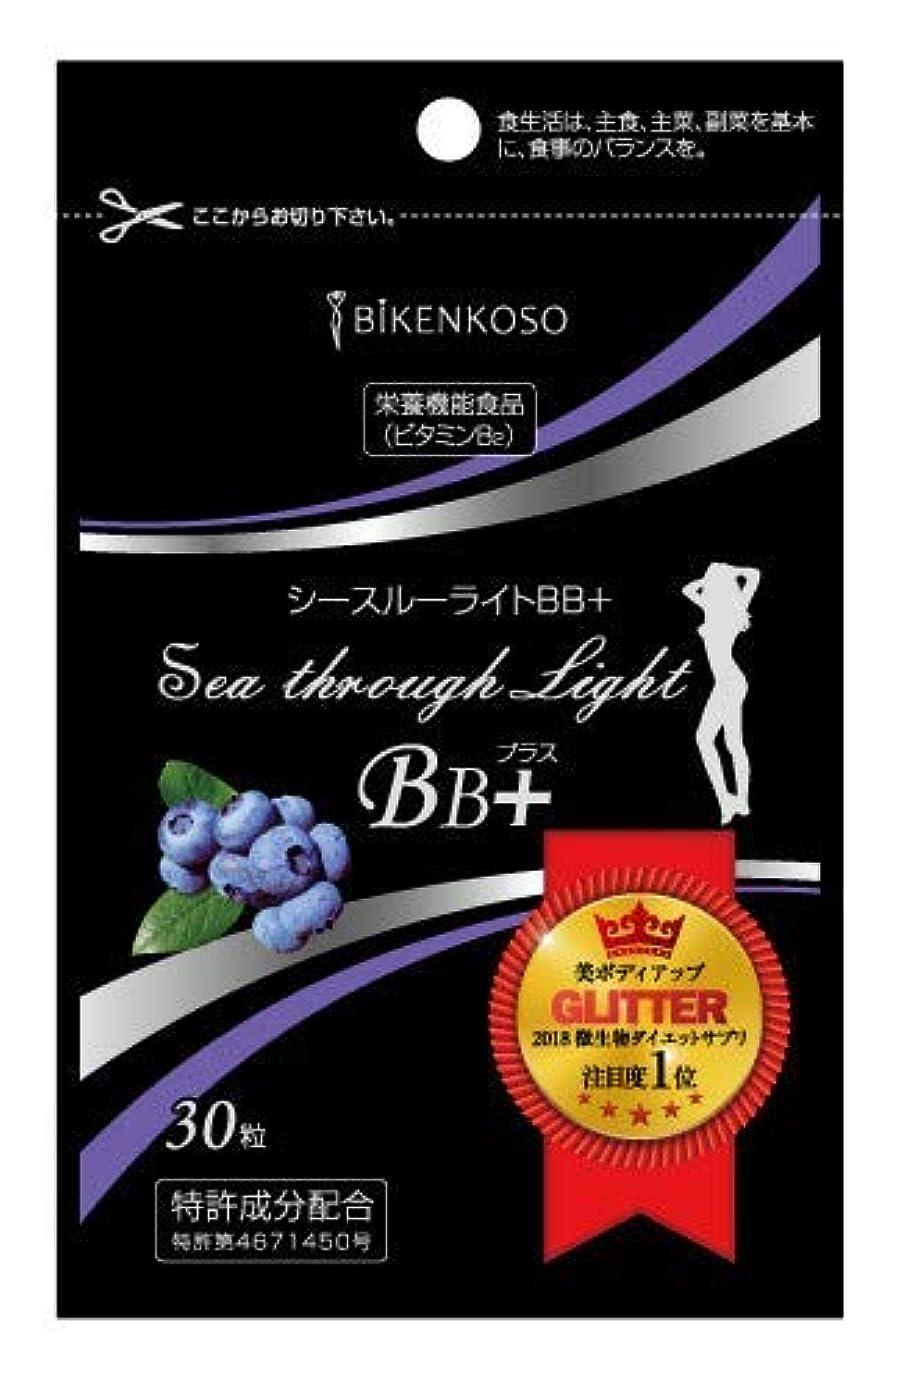 顧問お勧めスペードシースルーライトBBプラス (30粒)  乳酸菌 酵素サプリ 酵母サプリ 日本製